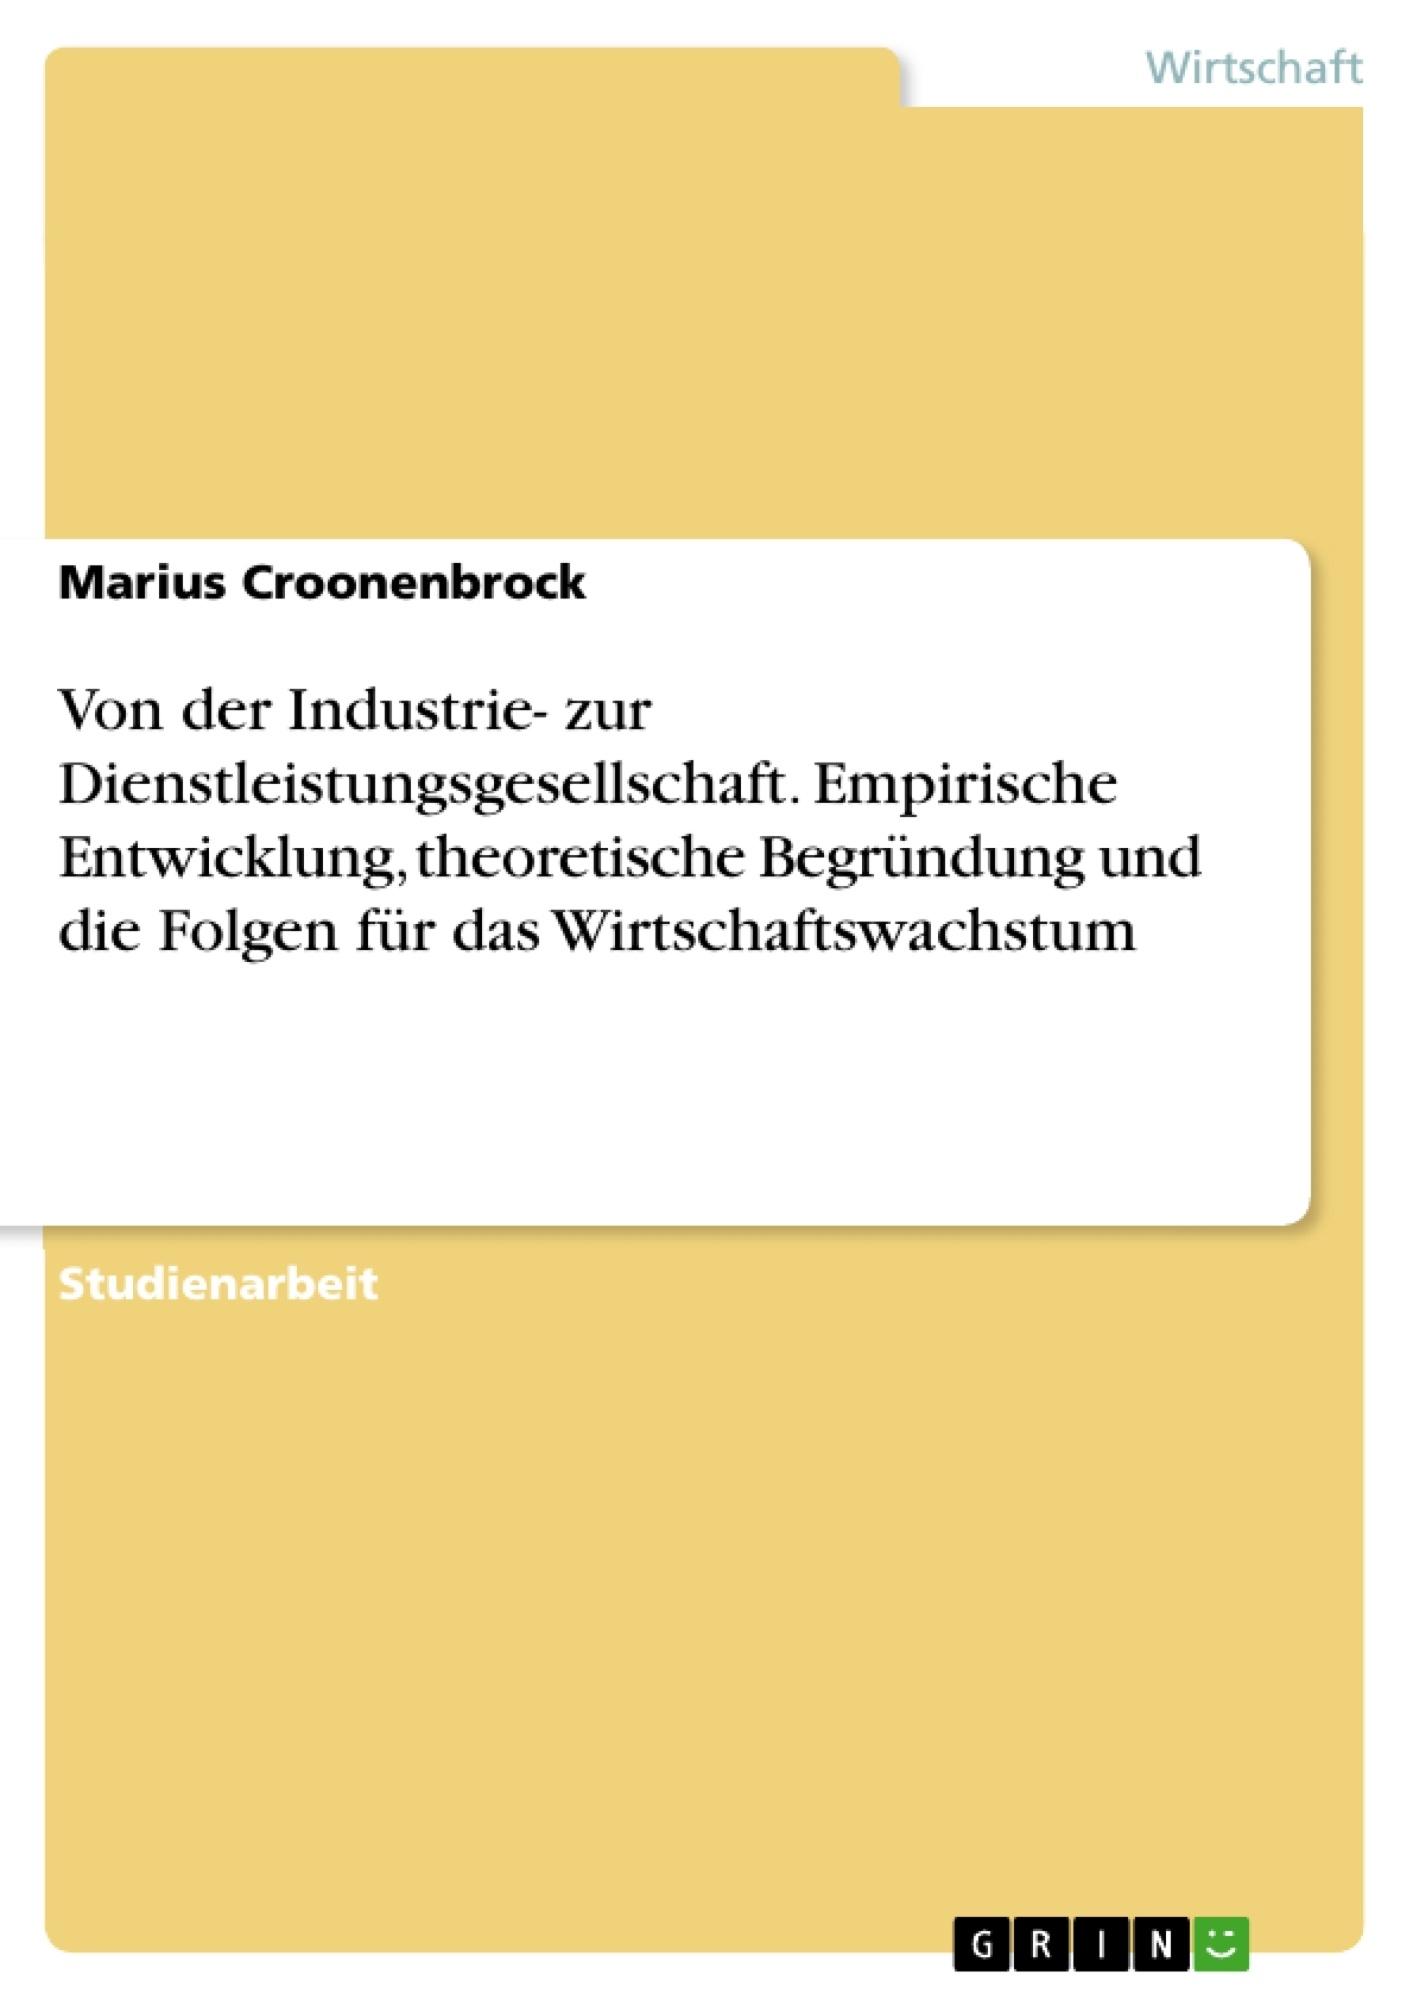 Titel: Von der Industrie- zur Dienstleistungsgesellschaft. Empirische Entwicklung, theoretische Begründung und die Folgen für das Wirtschaftswachstum